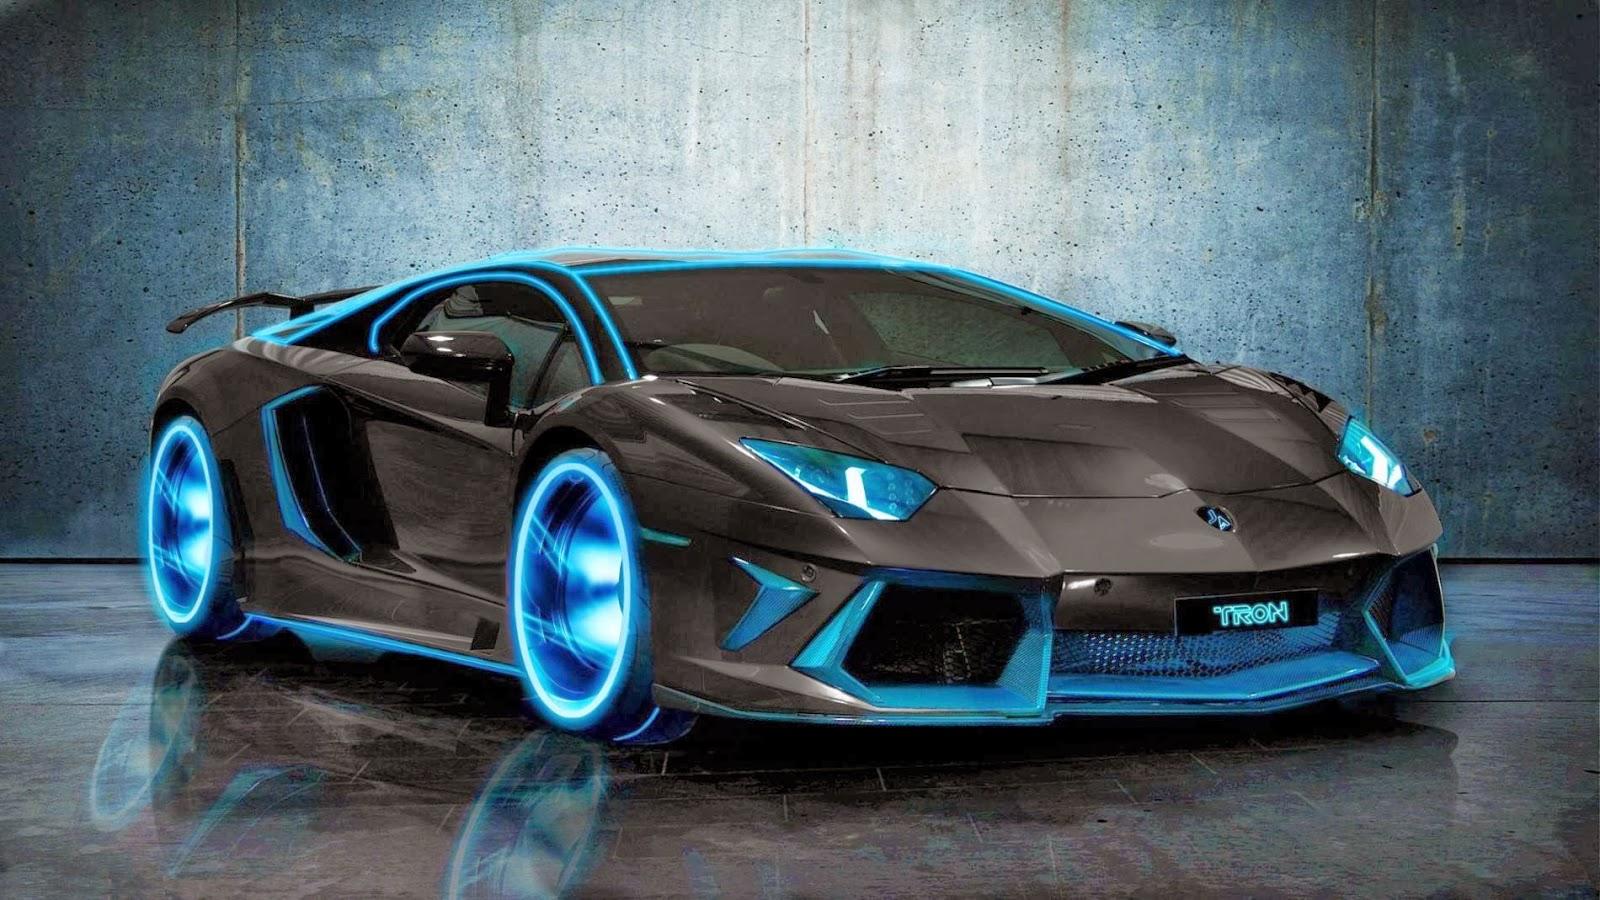 Lamborghini Egoista Price 2017 >> Lamborghini aventador black velg light | Car Wallpaper High Quality